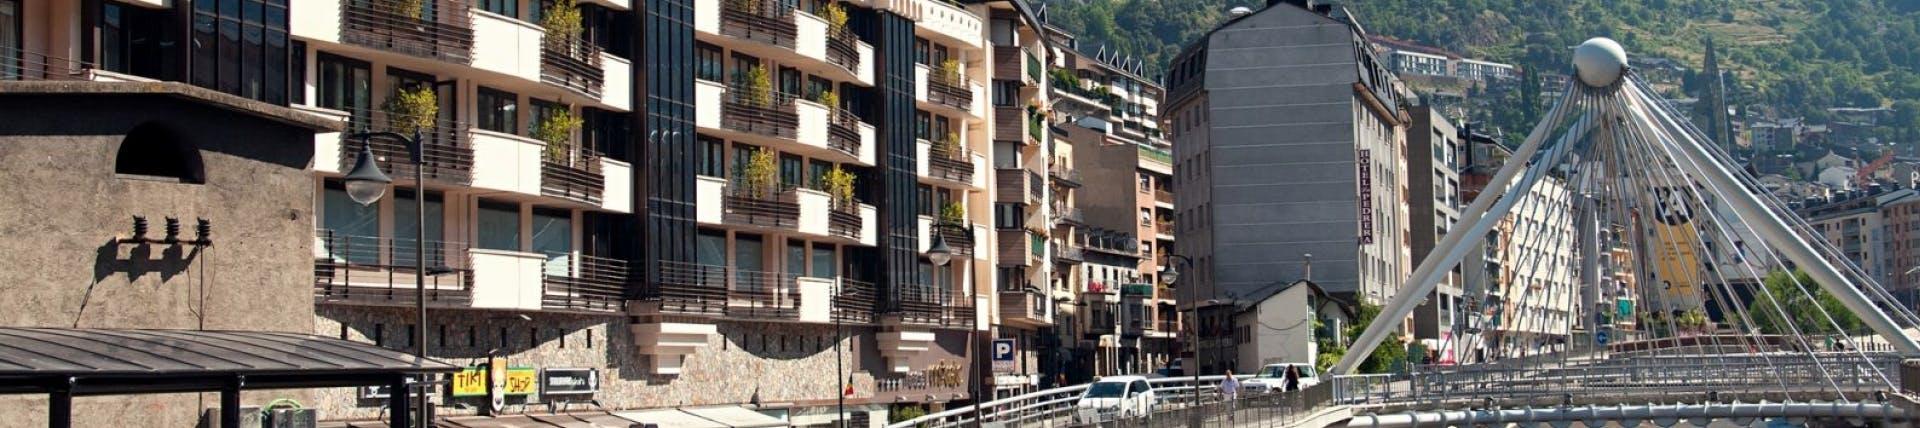 Picture of Andorra la Vella